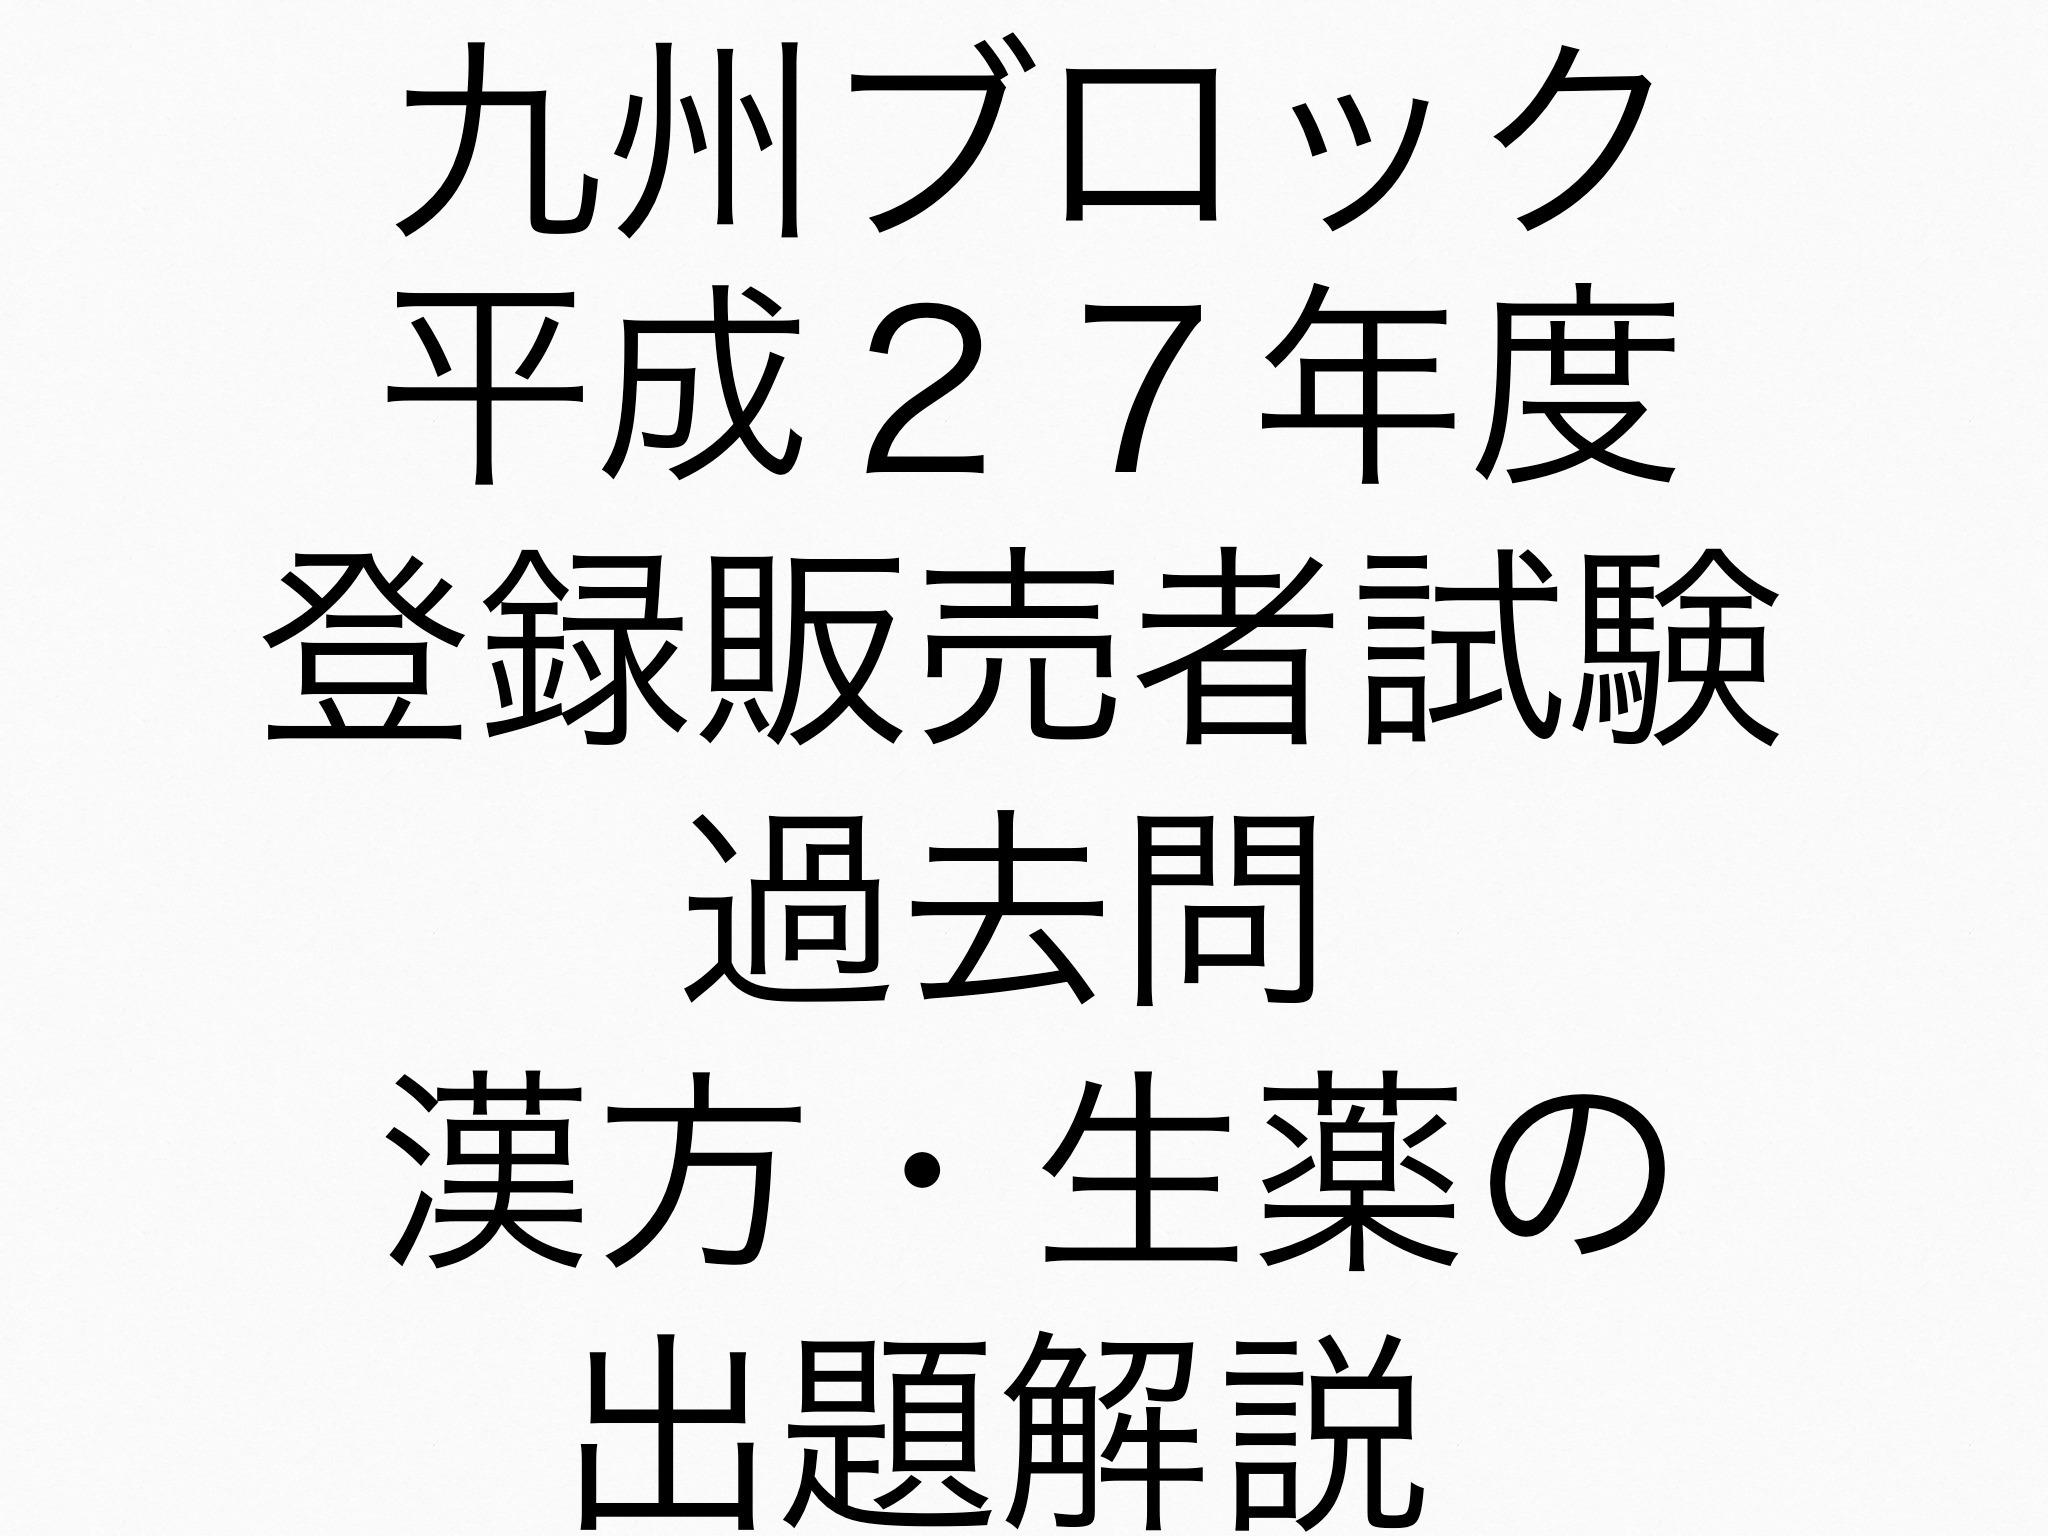 九州H27)登録販売者試験過去問 漢方・生薬の問題解説/出題傾向